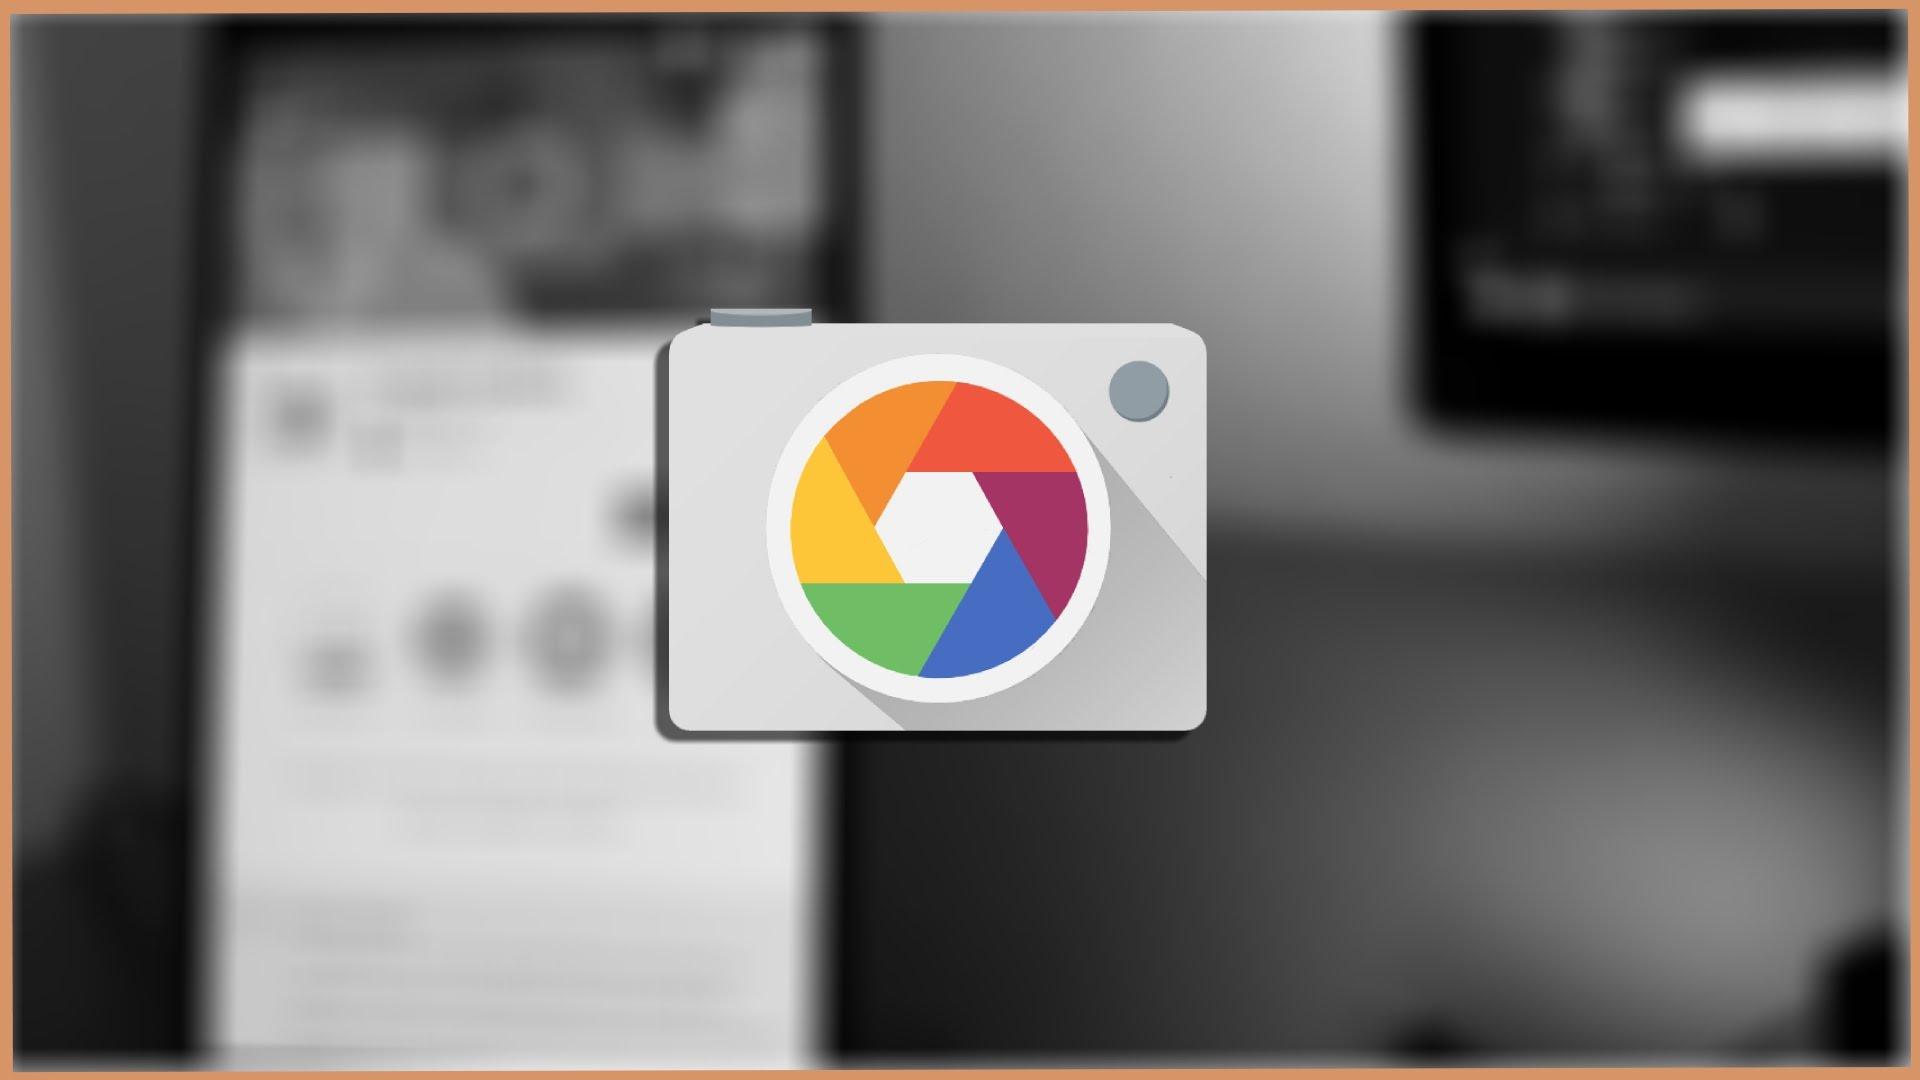 آخرین آپدیت گوگل کمرا ، فلش مجازی را برای شما فراهم میآورد